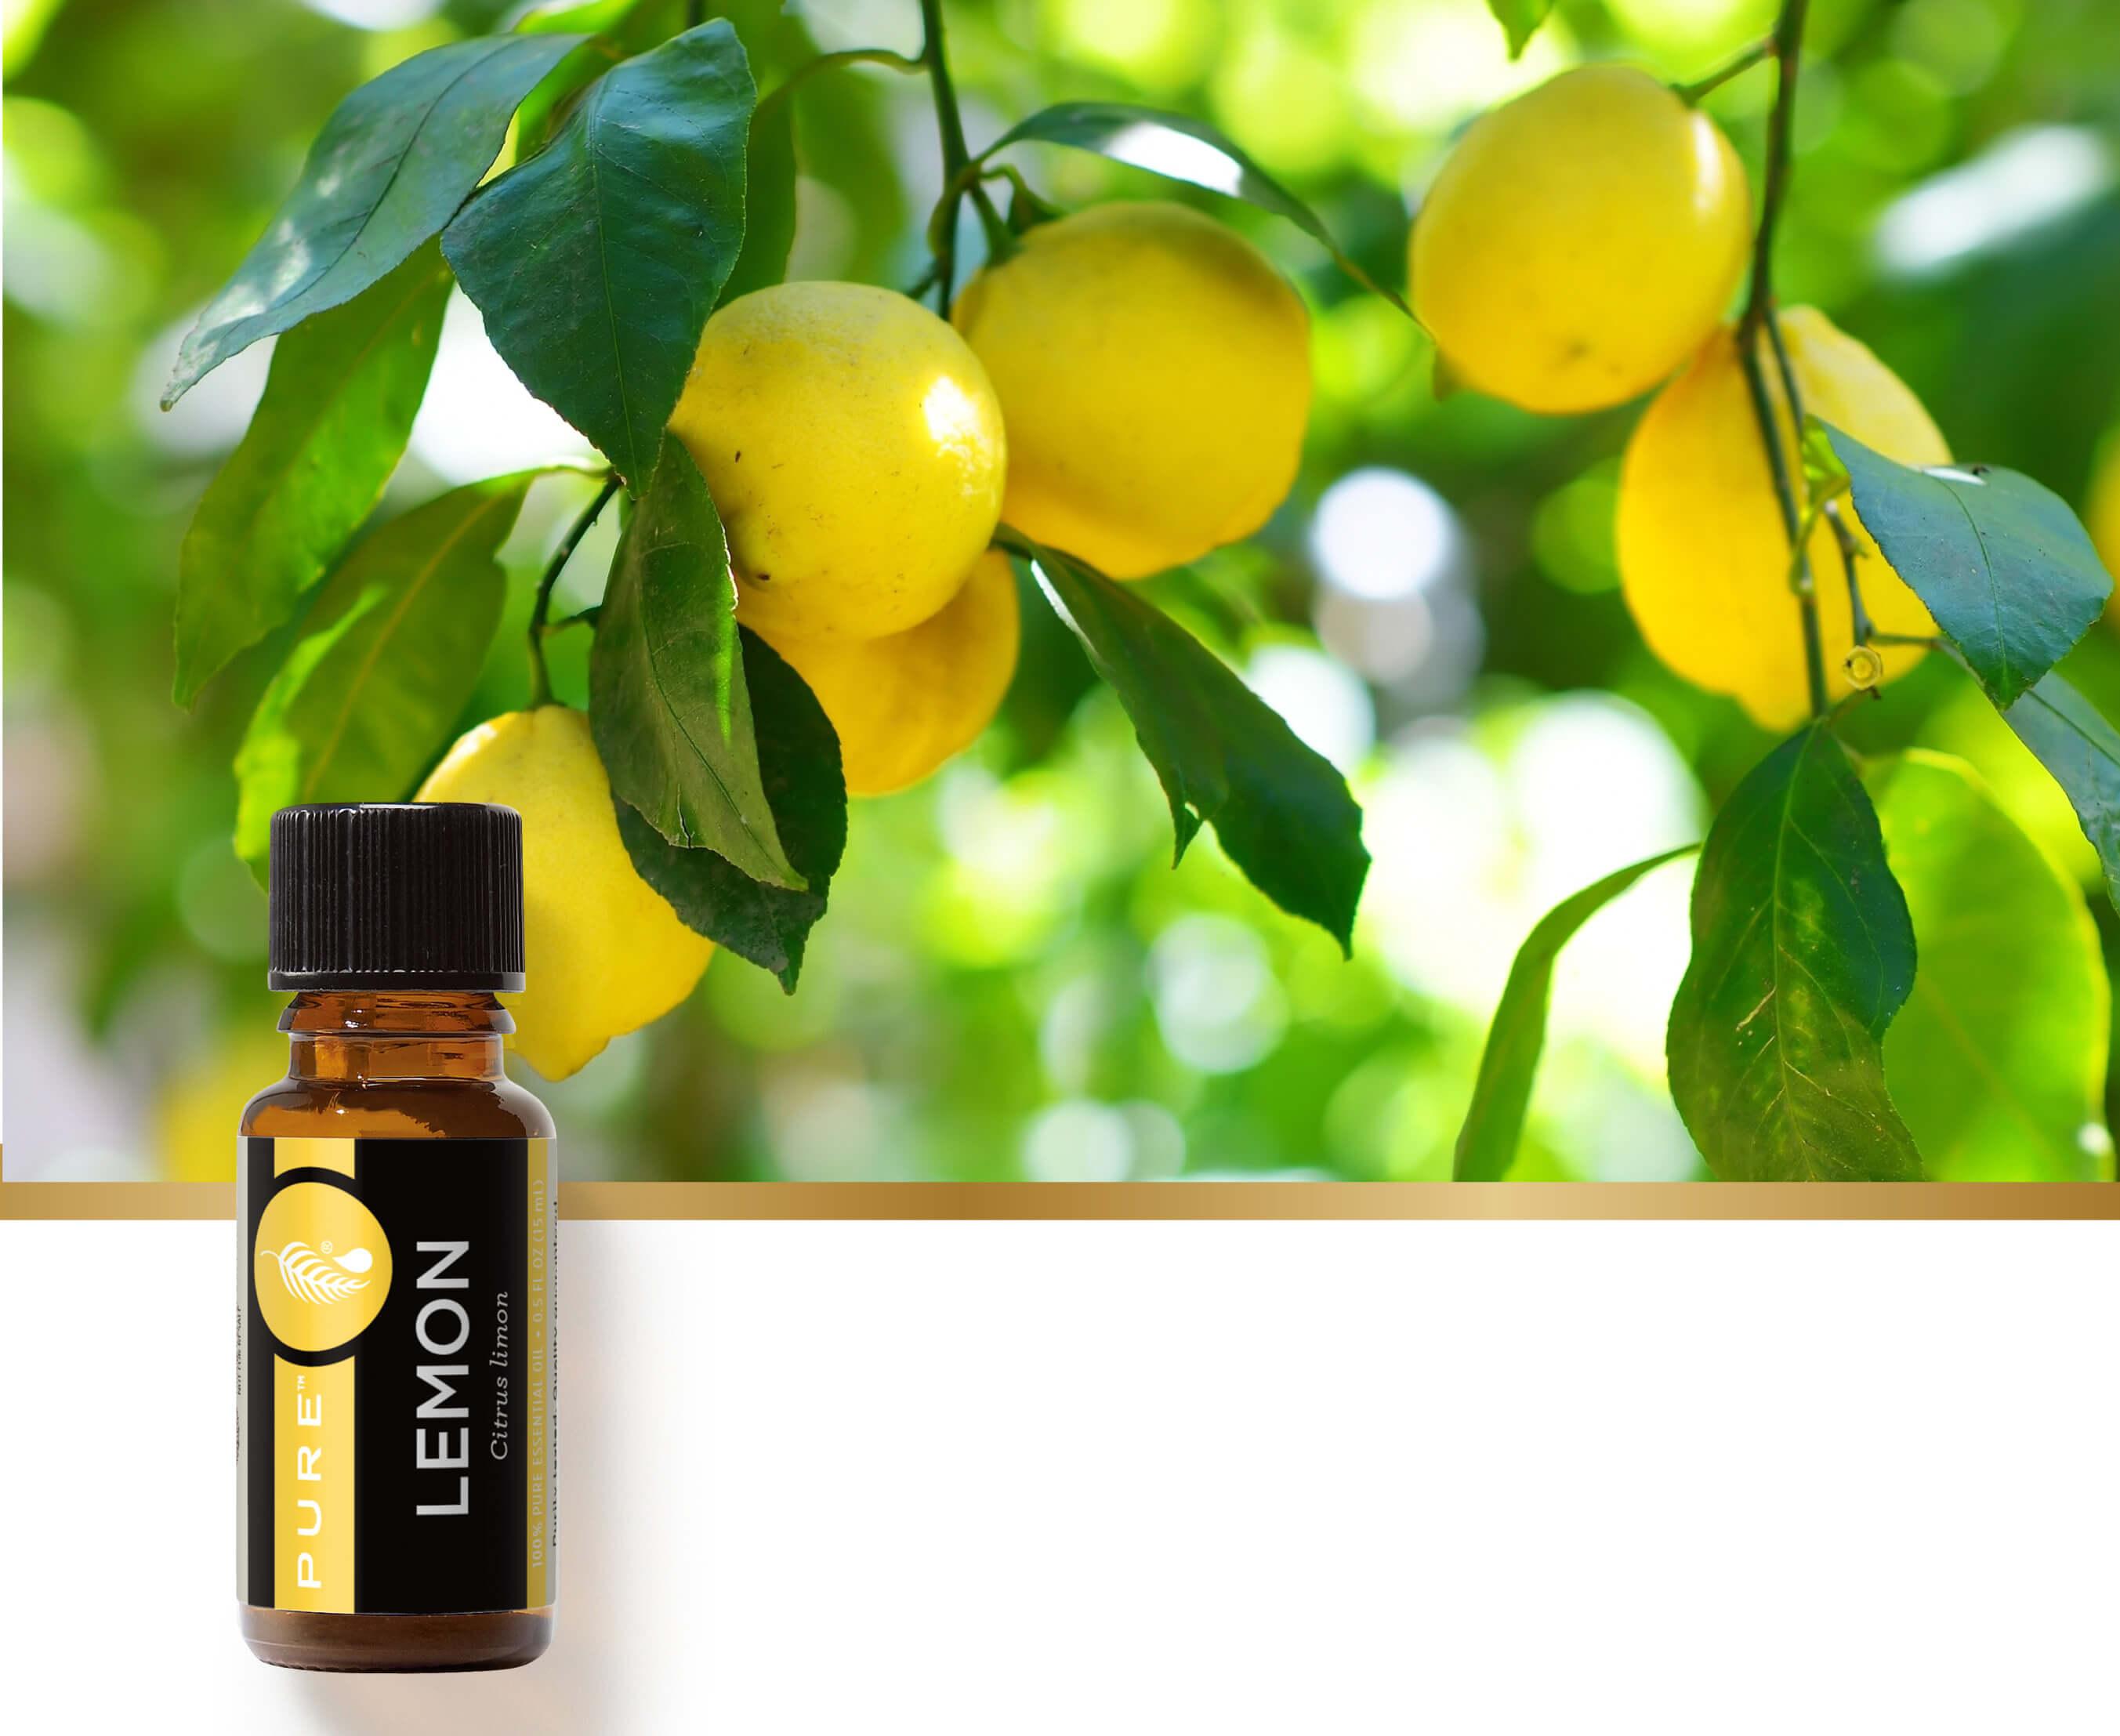 美樂家純質檸檬精油調和配方,打造屬於你的清新花園